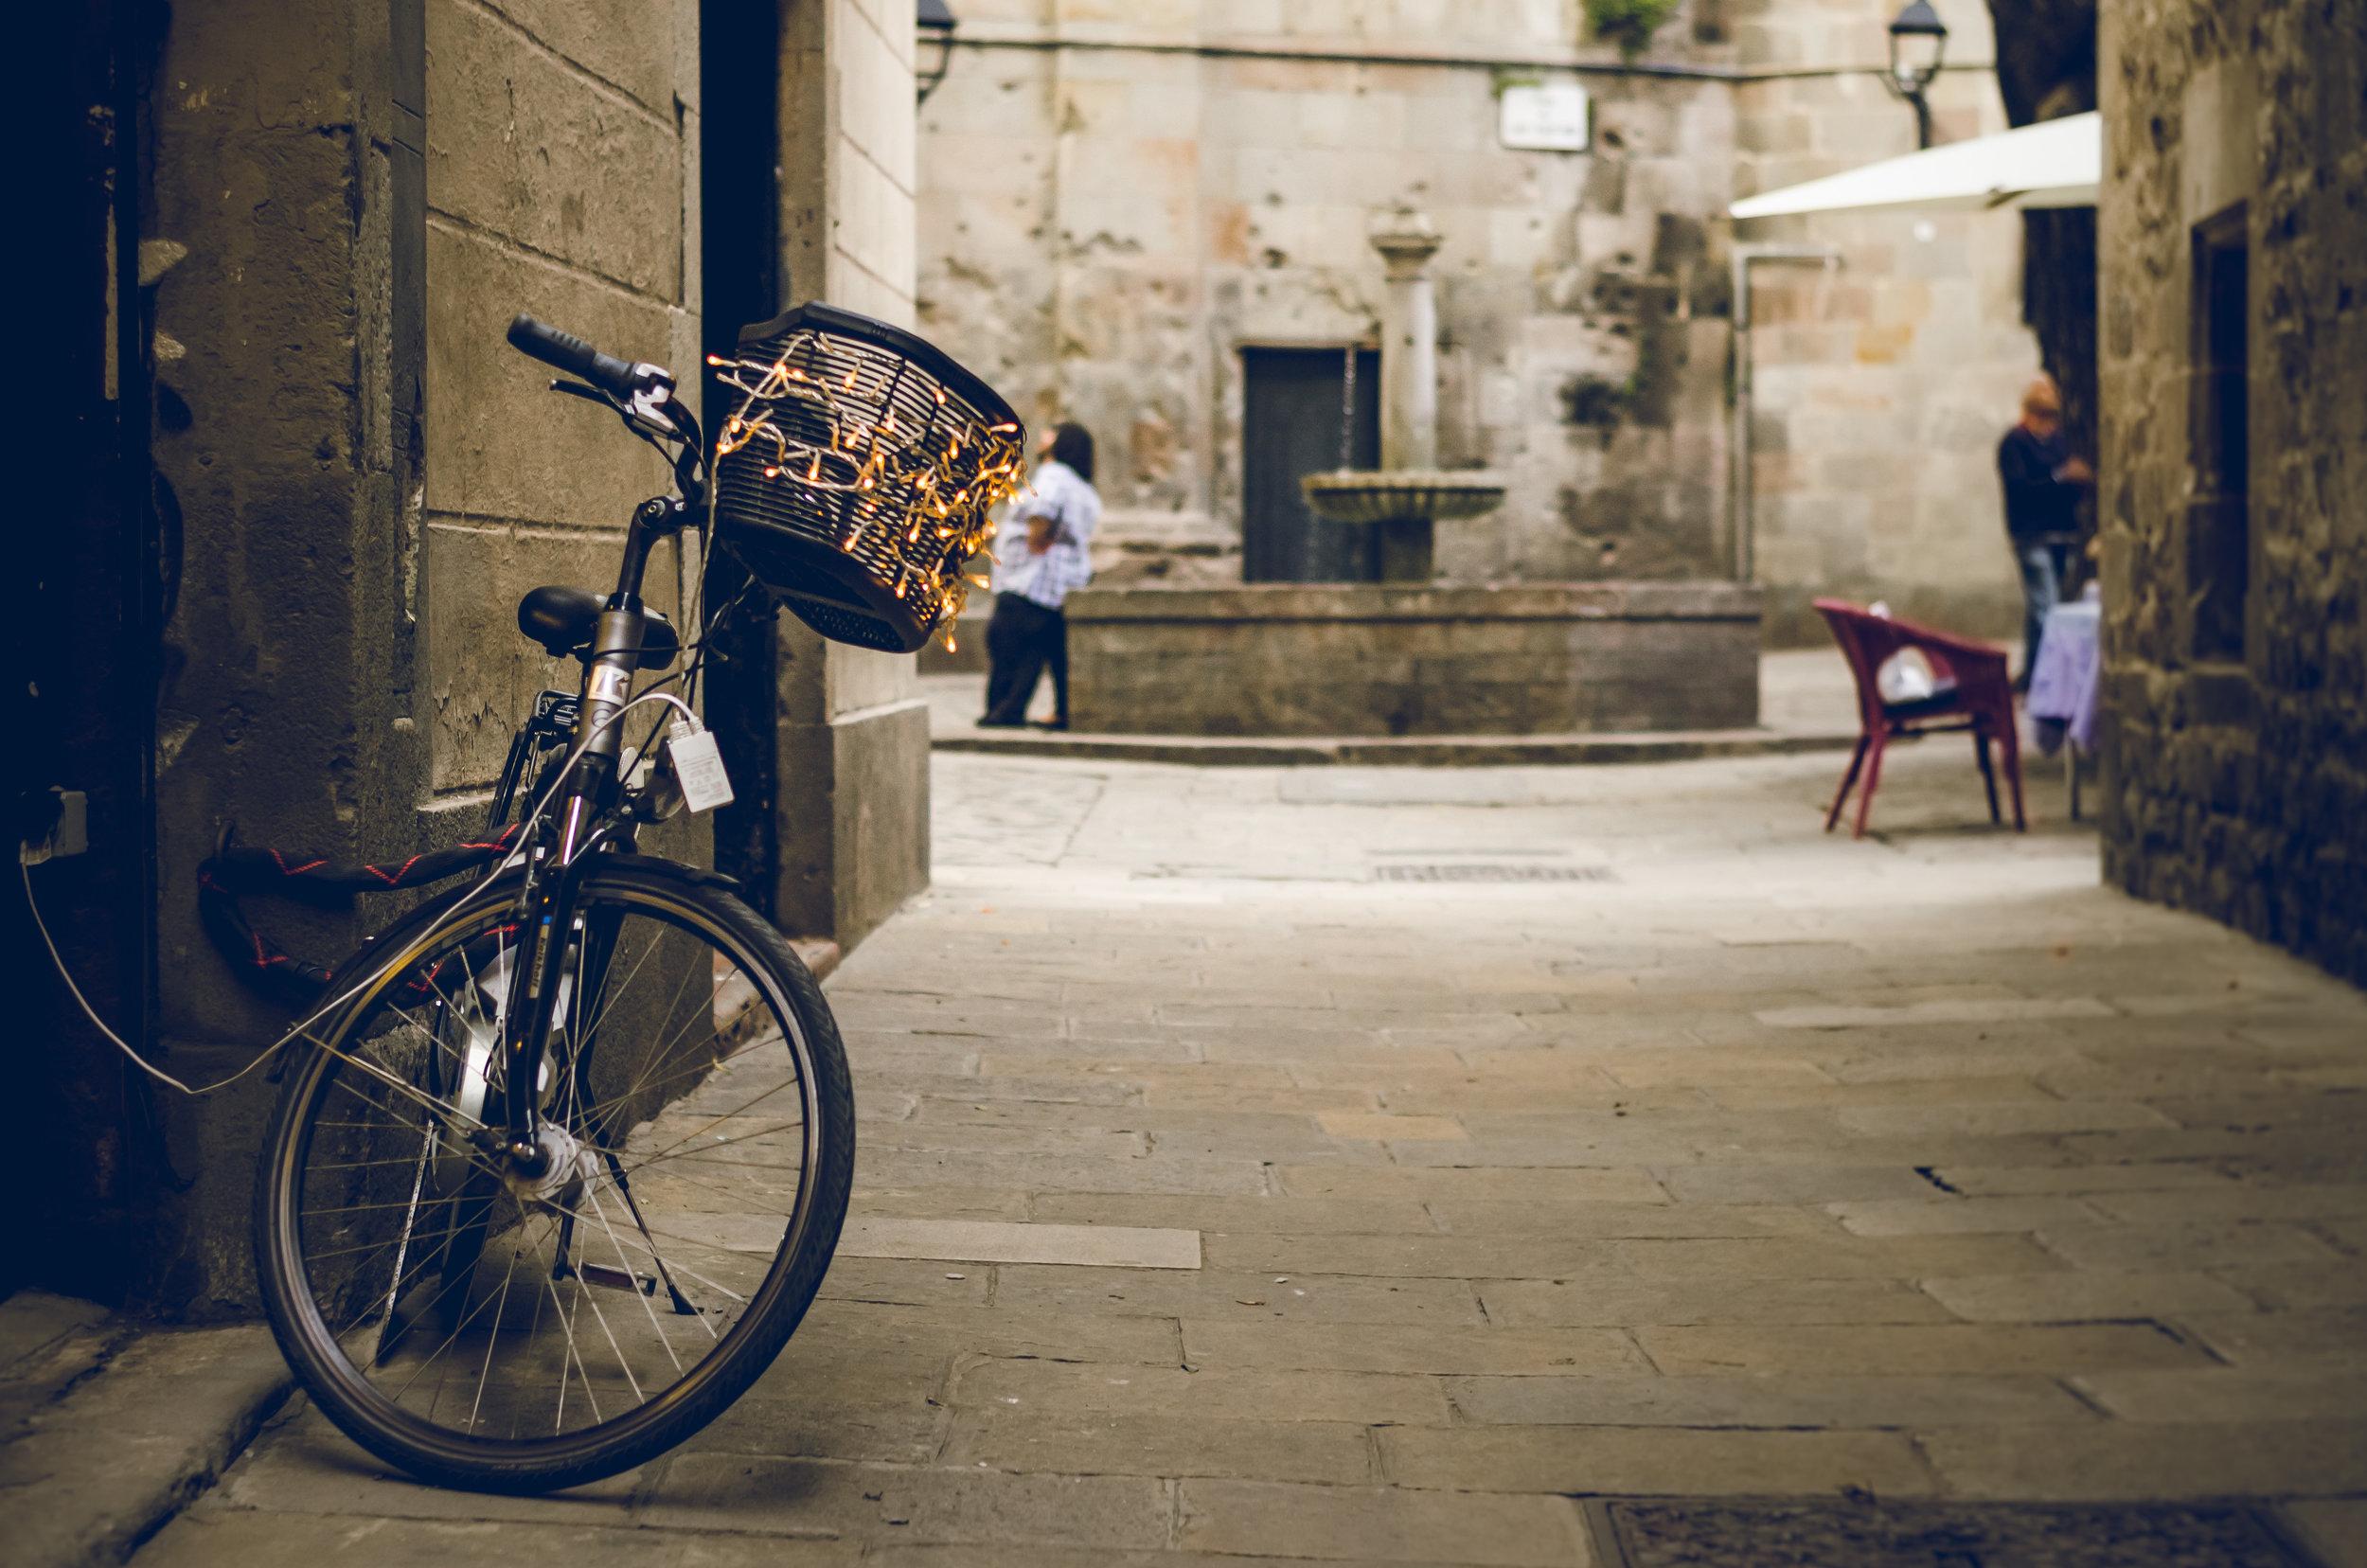 El Barrio Gótico. Visita guiada y copa de vino. - Aquí nació Barcelona, este es su corazón. Disfrutaremos de un verdadero museo al aire libre. Un paseo por la historia de la ciudad y de sus habitantes a través su centro político y religioso.Cada Miércoles y Viernes a las 17.00h.Duración del tour: 1h30min.Precio: 20€ (menores de 12 años: gratuito).